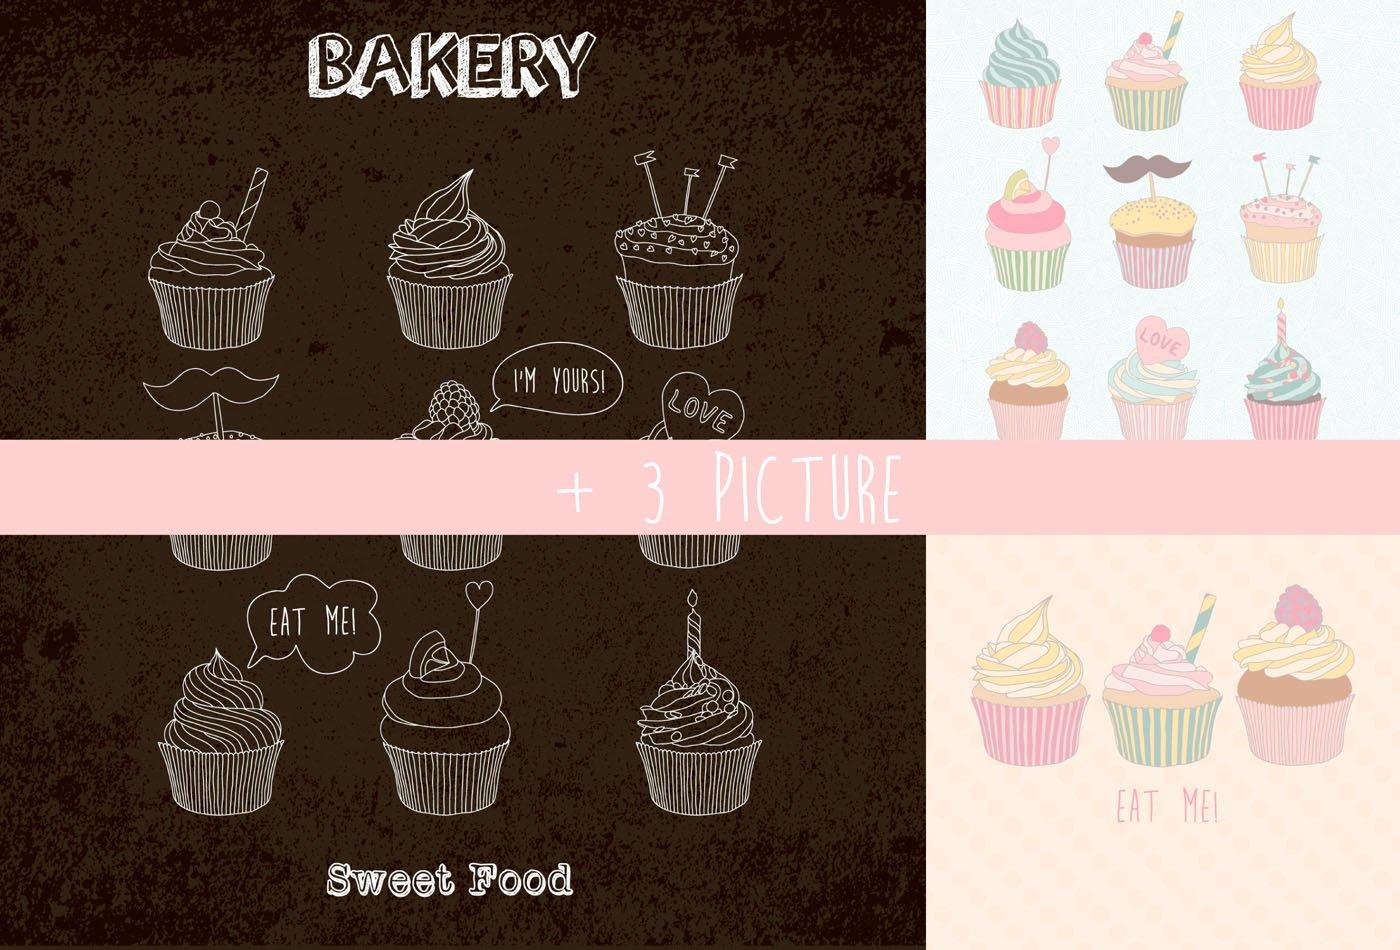 手绘纸杯蛋糕矢量素材 Сupcakes Patterns And Illustration插图(3)